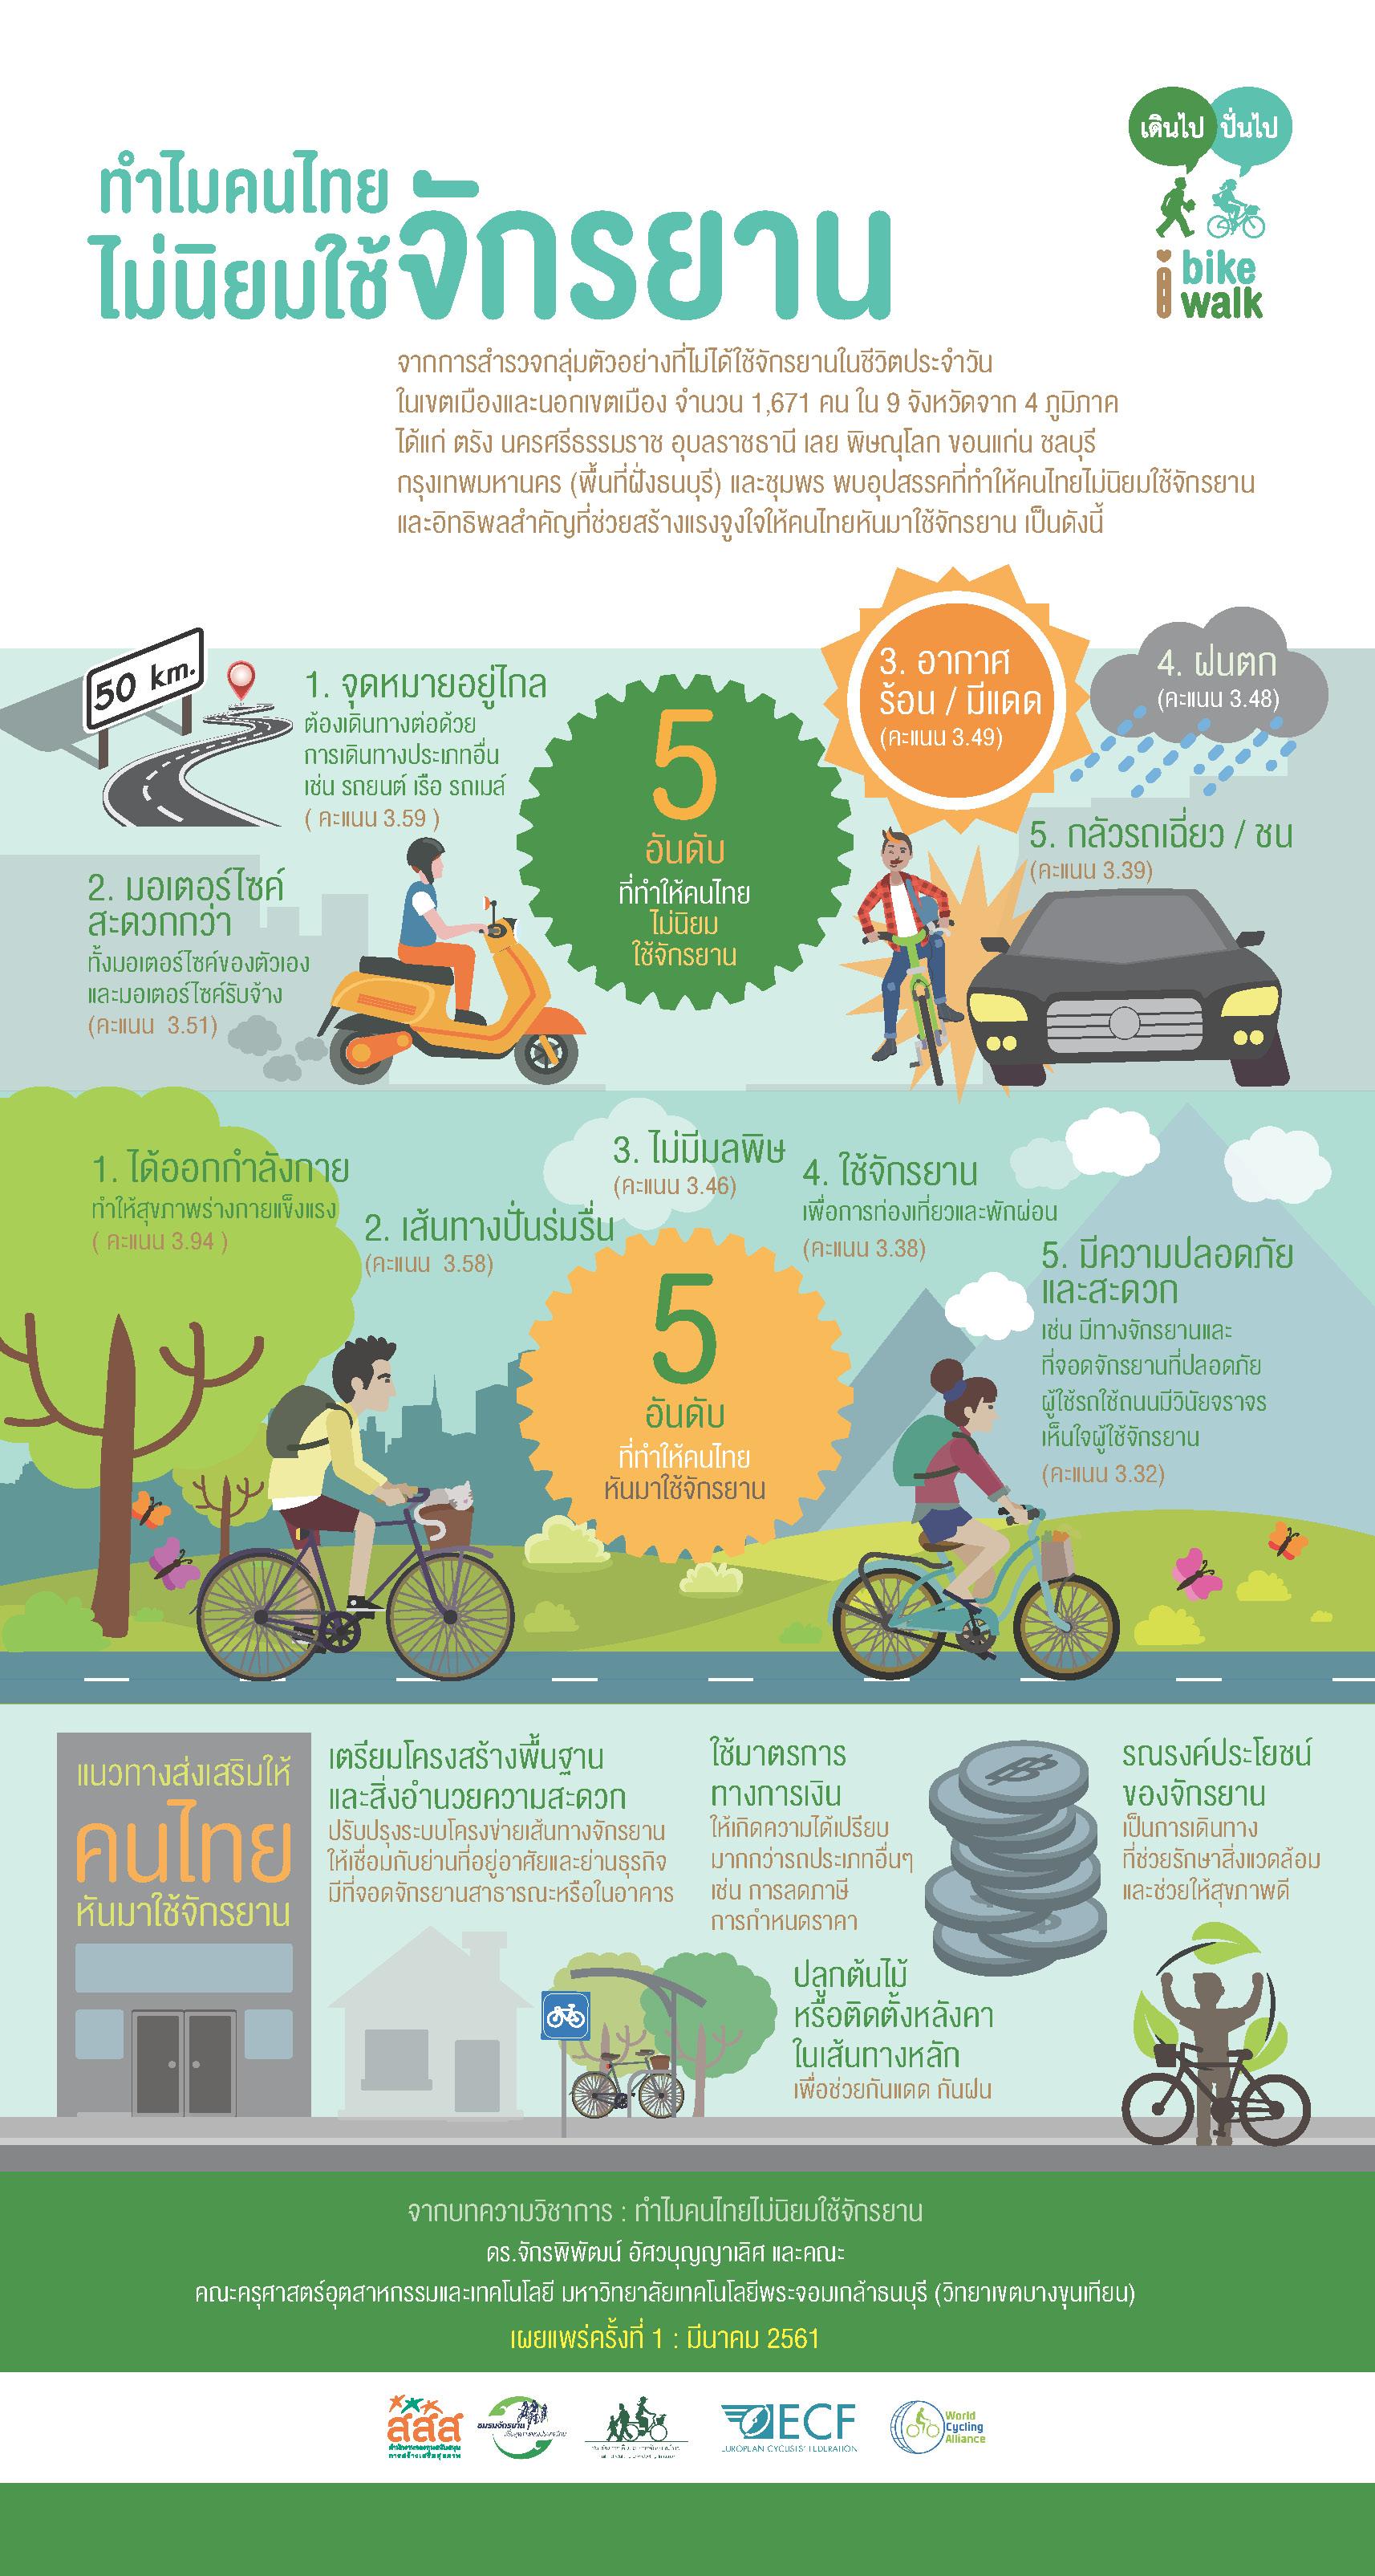 ทำไมคนไทยไม่นิยมใช้จักรยาน